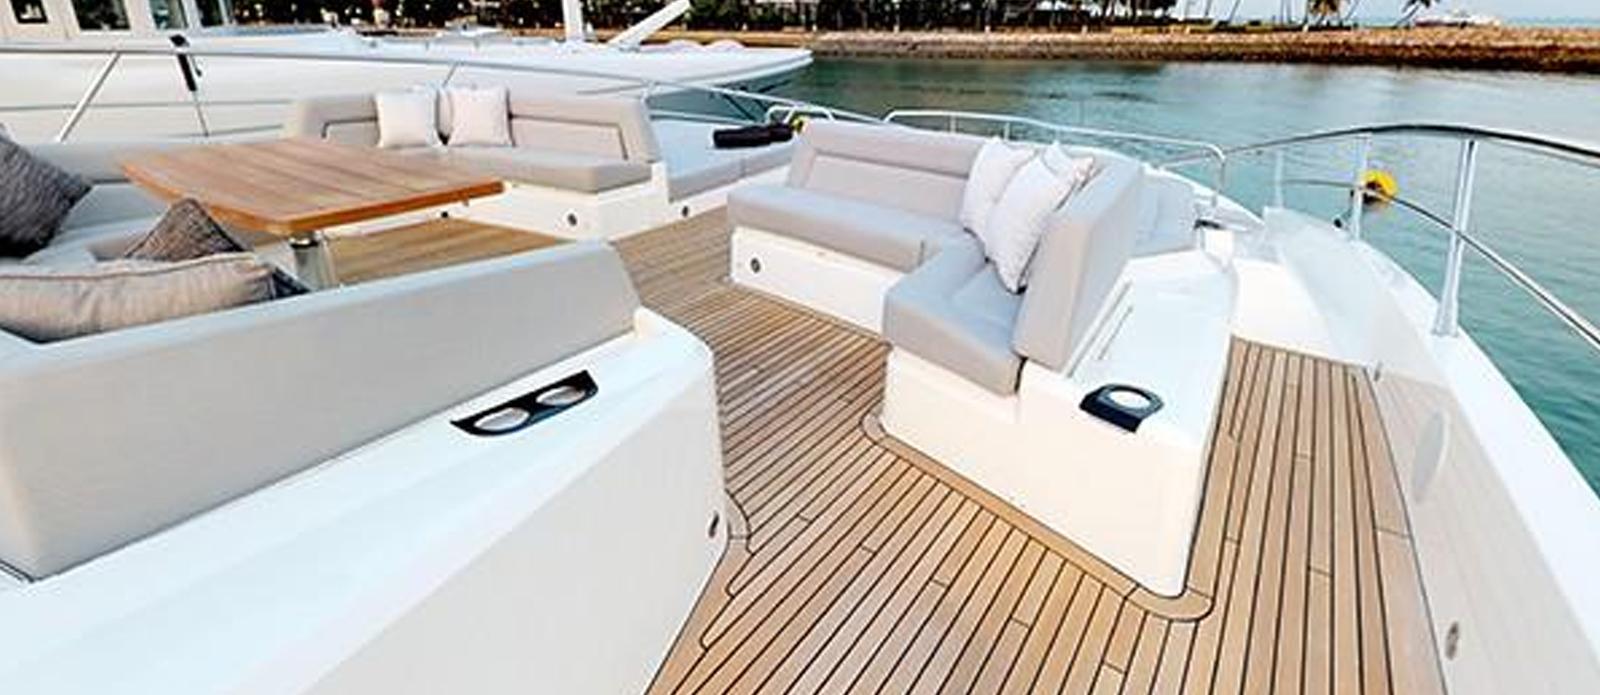 Sunseeker-116-Sport-Yacht-Priceless-24